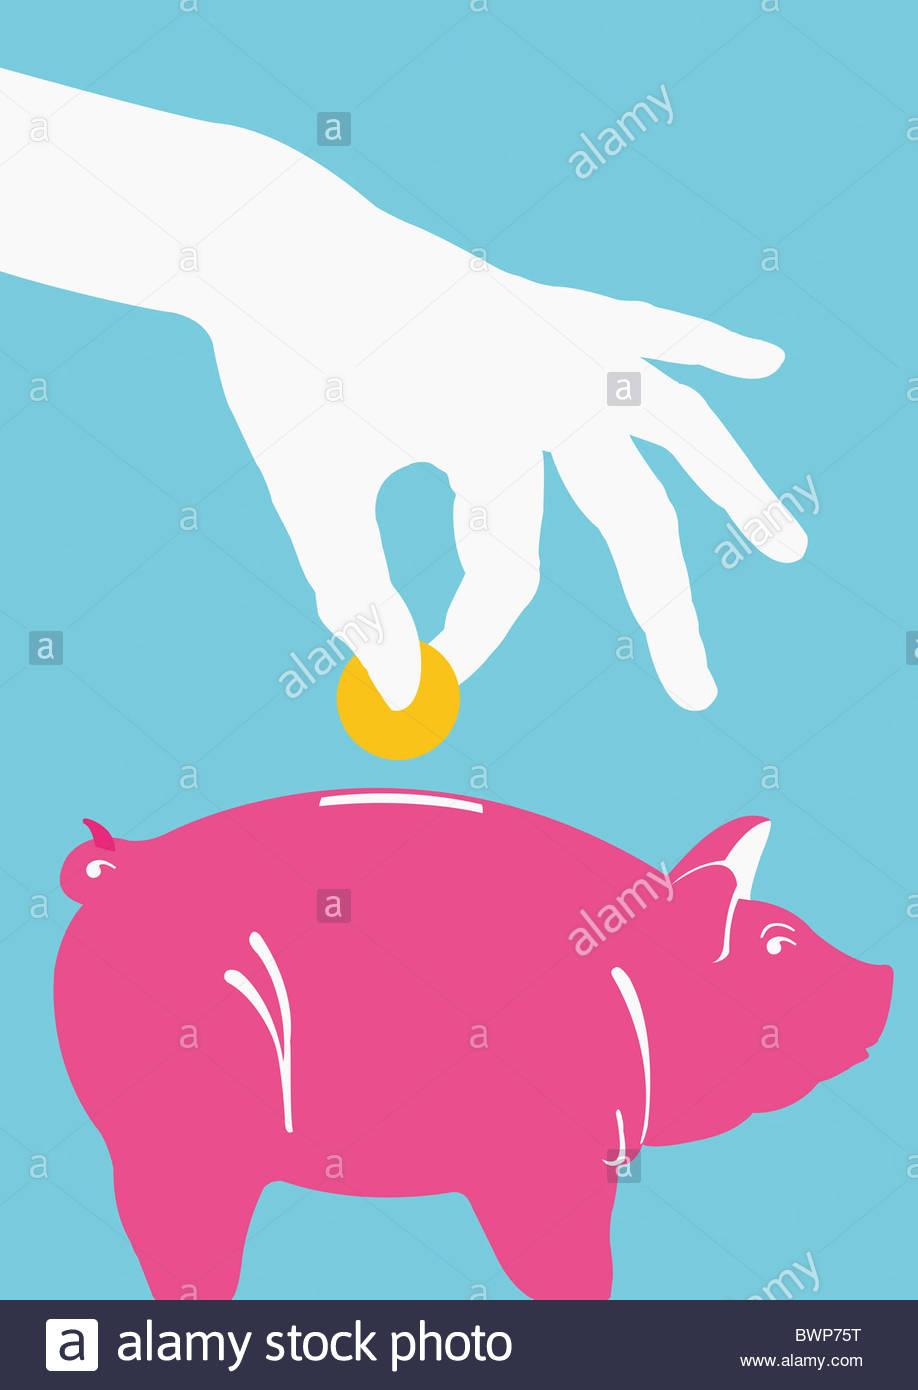 Persona poniendo la moneda en la alcancía Foto de stock